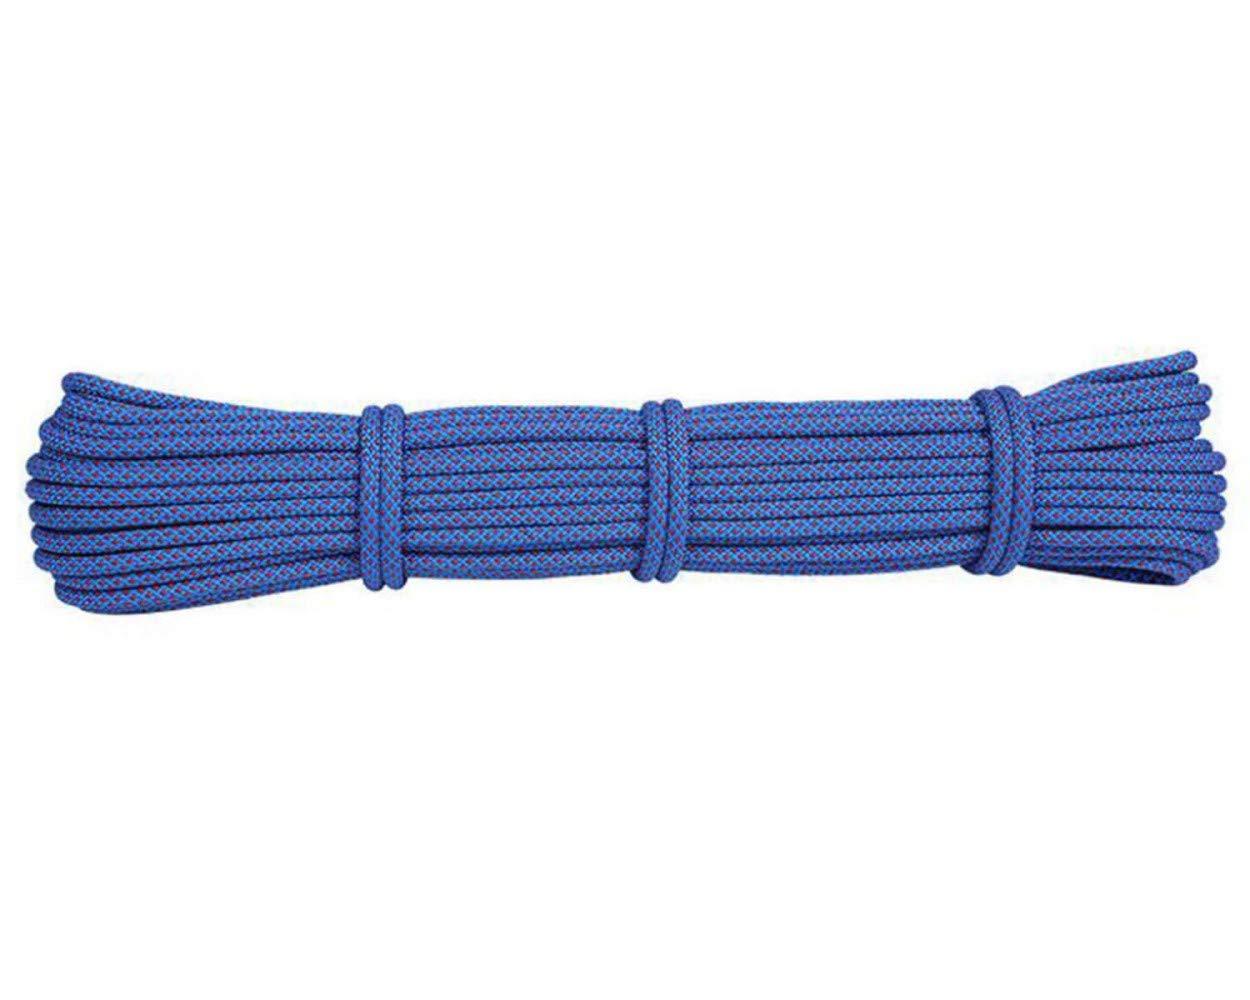 Bleu ZAIYI-Climbing rope Alpinisme Auxiliaire Camping en Plein Air Articles Groupés Randonnée Famille Corde De Rechange Résistant à l'usure 6mm,jaune-50m6mm 30m6mm